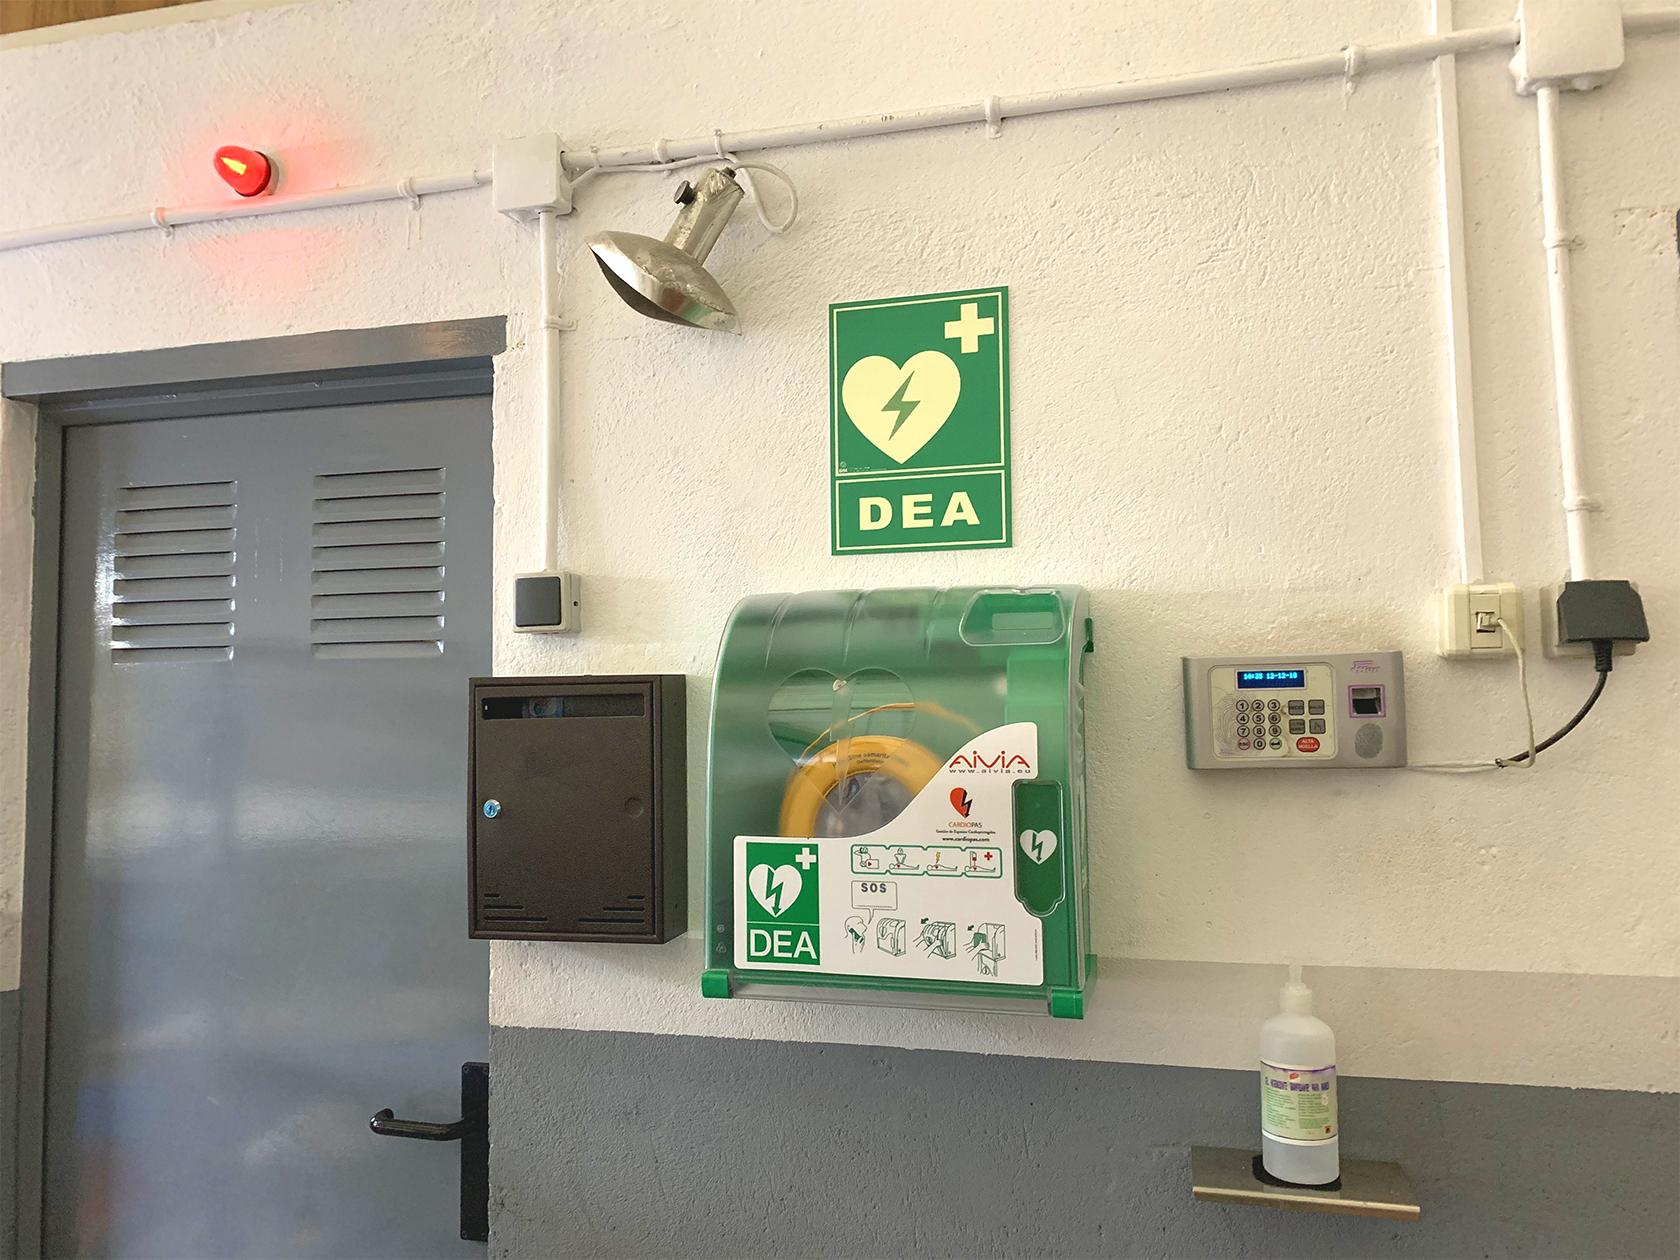 Desde el pasado 12 de diciembre, FINSA Spain (Filtros Industriales, S.L.) es un nuevo Espacio Cardioprotegido CardioPAS, sumándose a los más de 100 desfibriladores que CardioPAS ha instalado a lo… Leer más